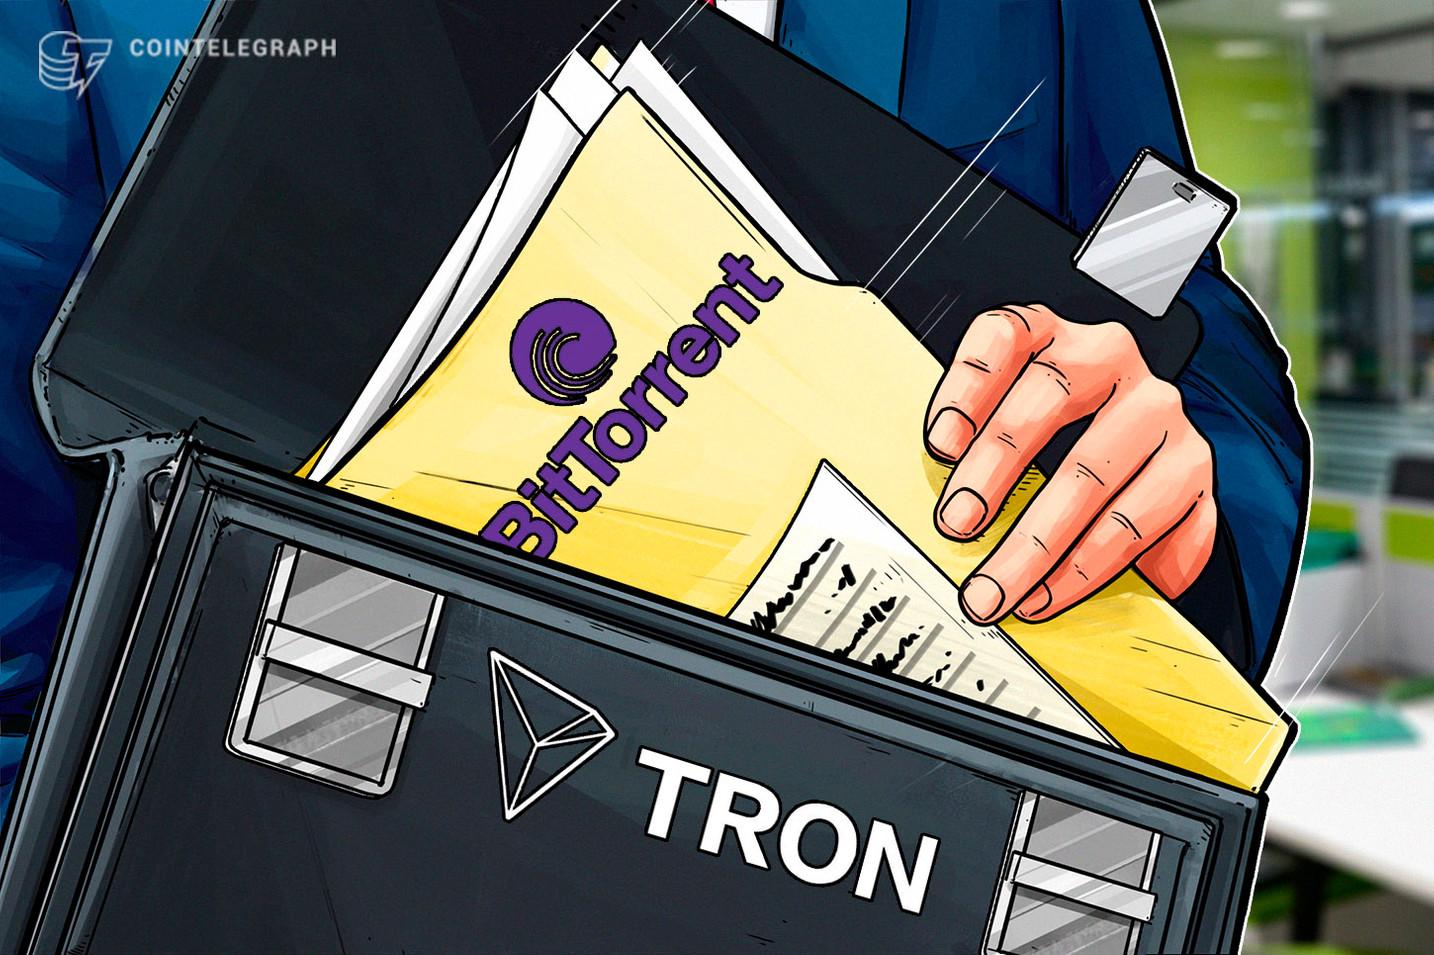 Confirmado: TRON adquiere el operador de la plataforma P2P principal BitTorrent